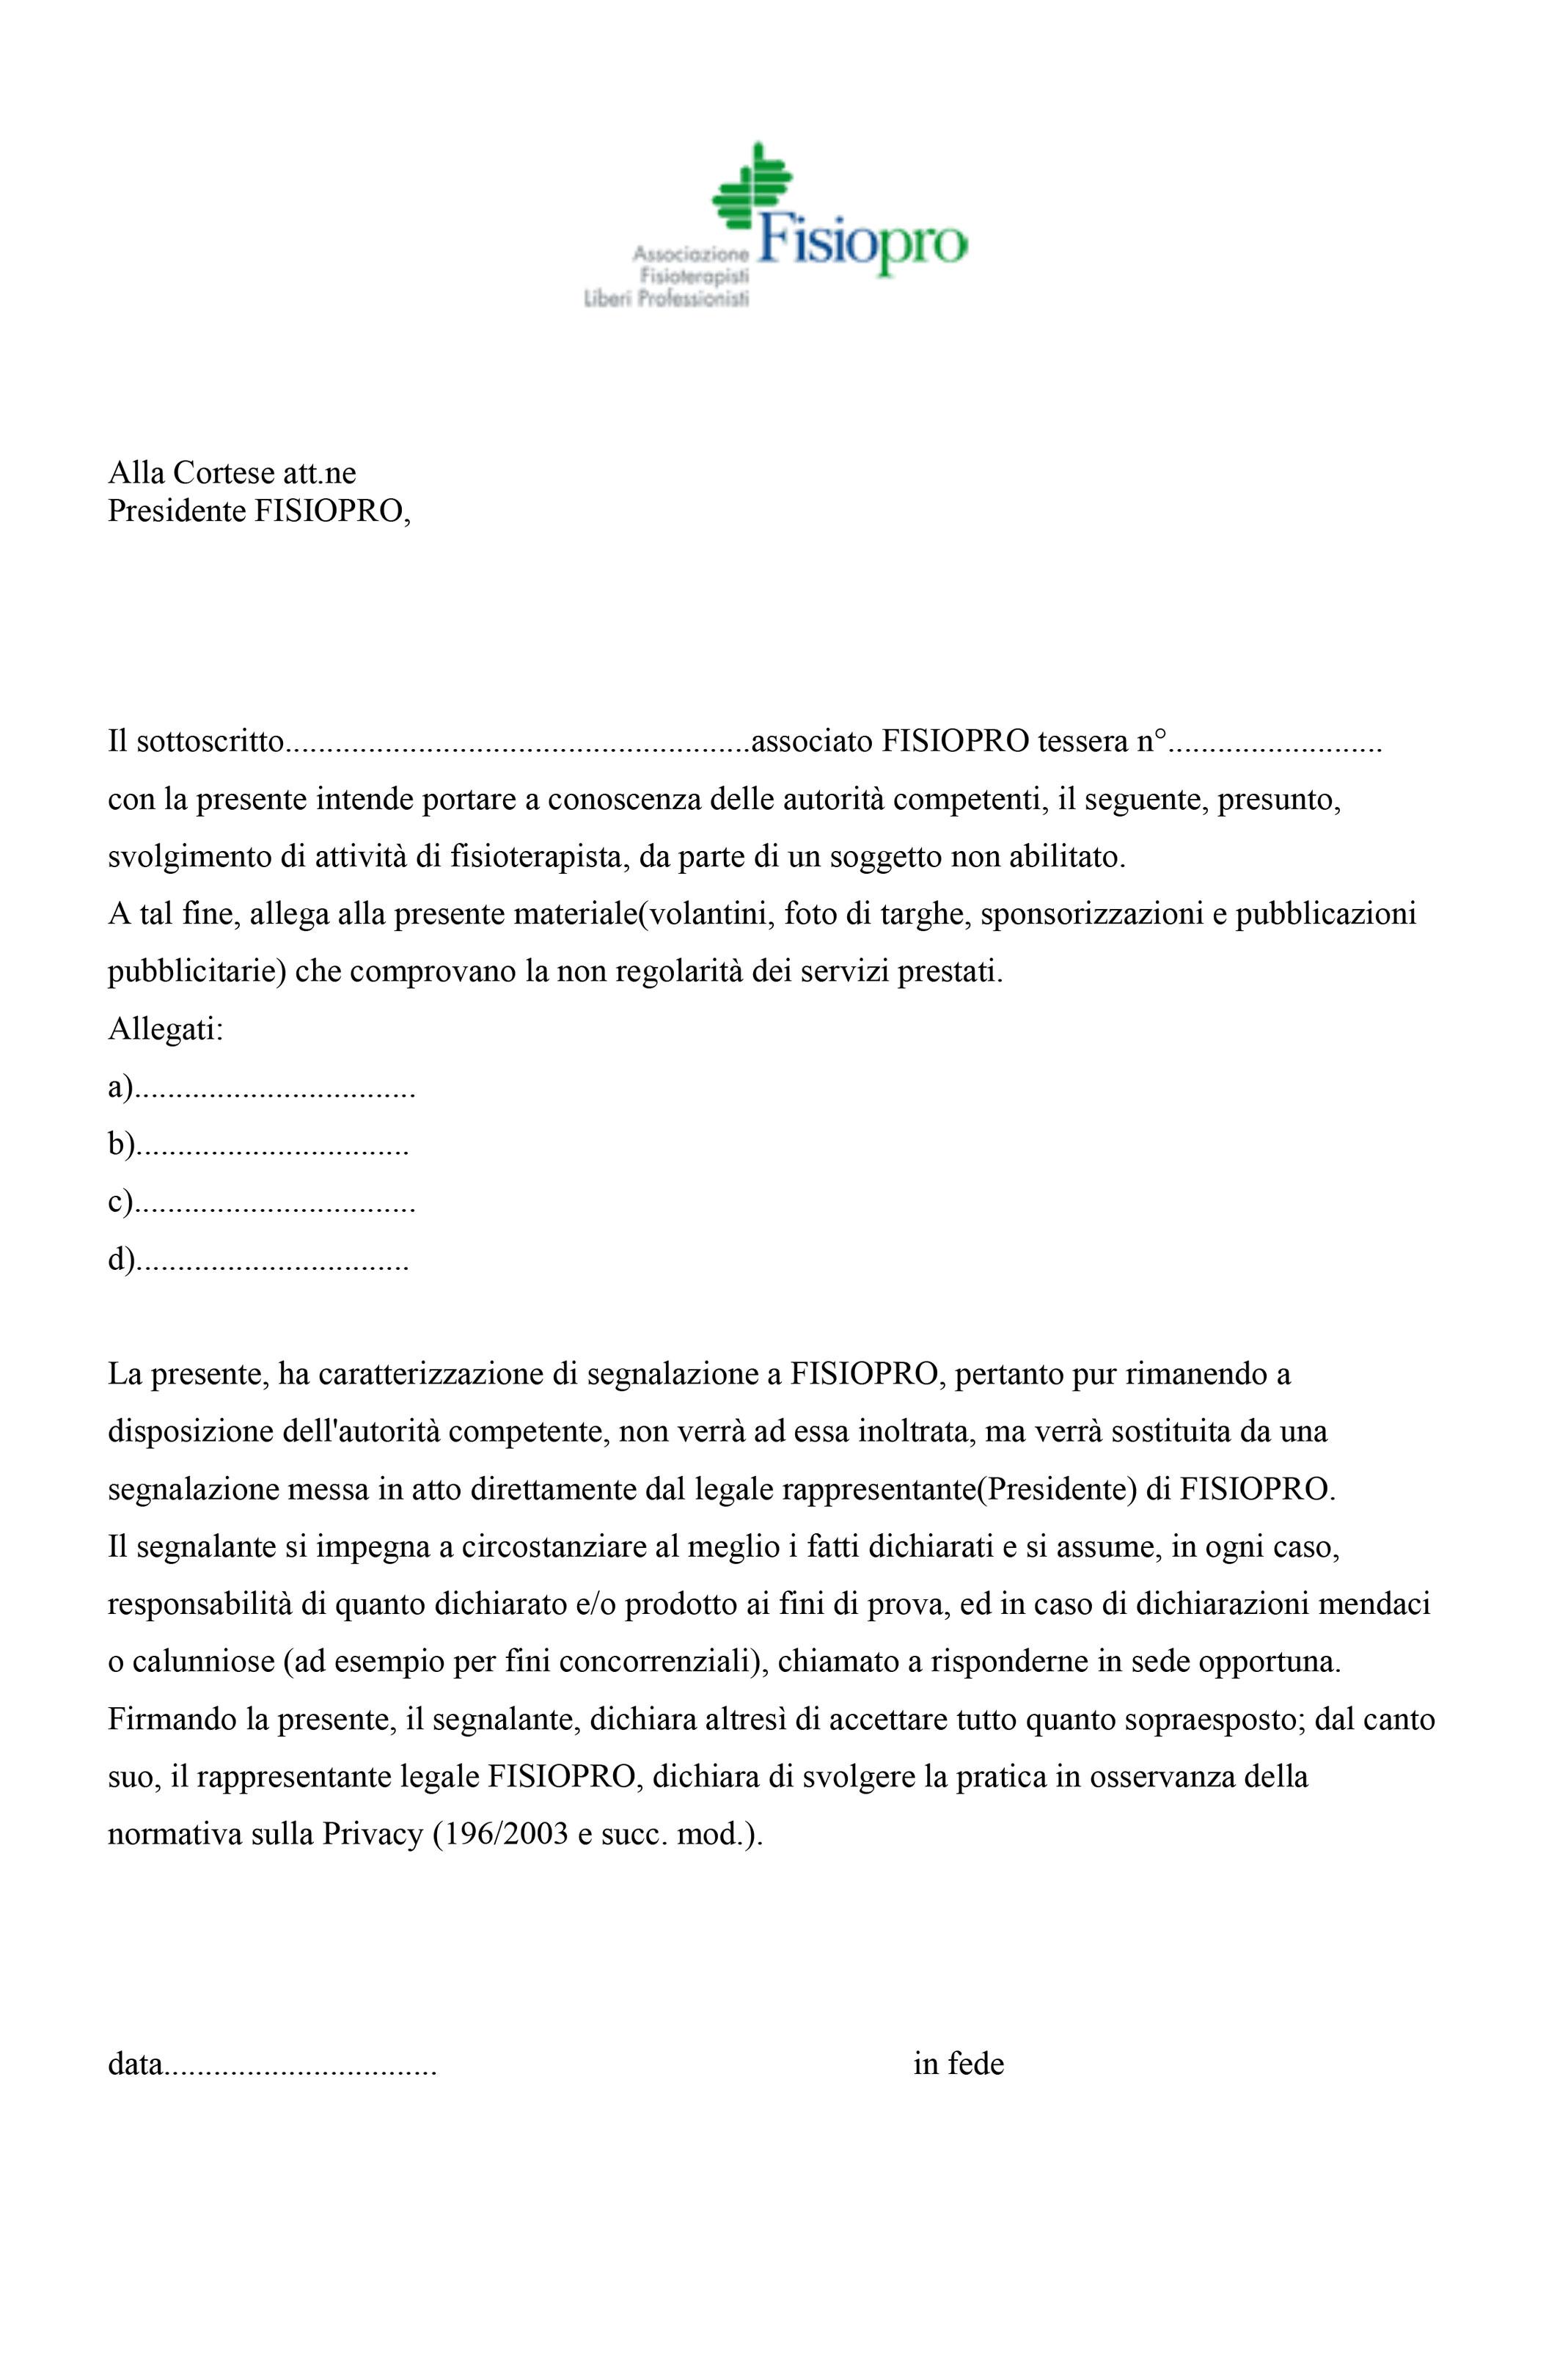 Lettera di segnalazione